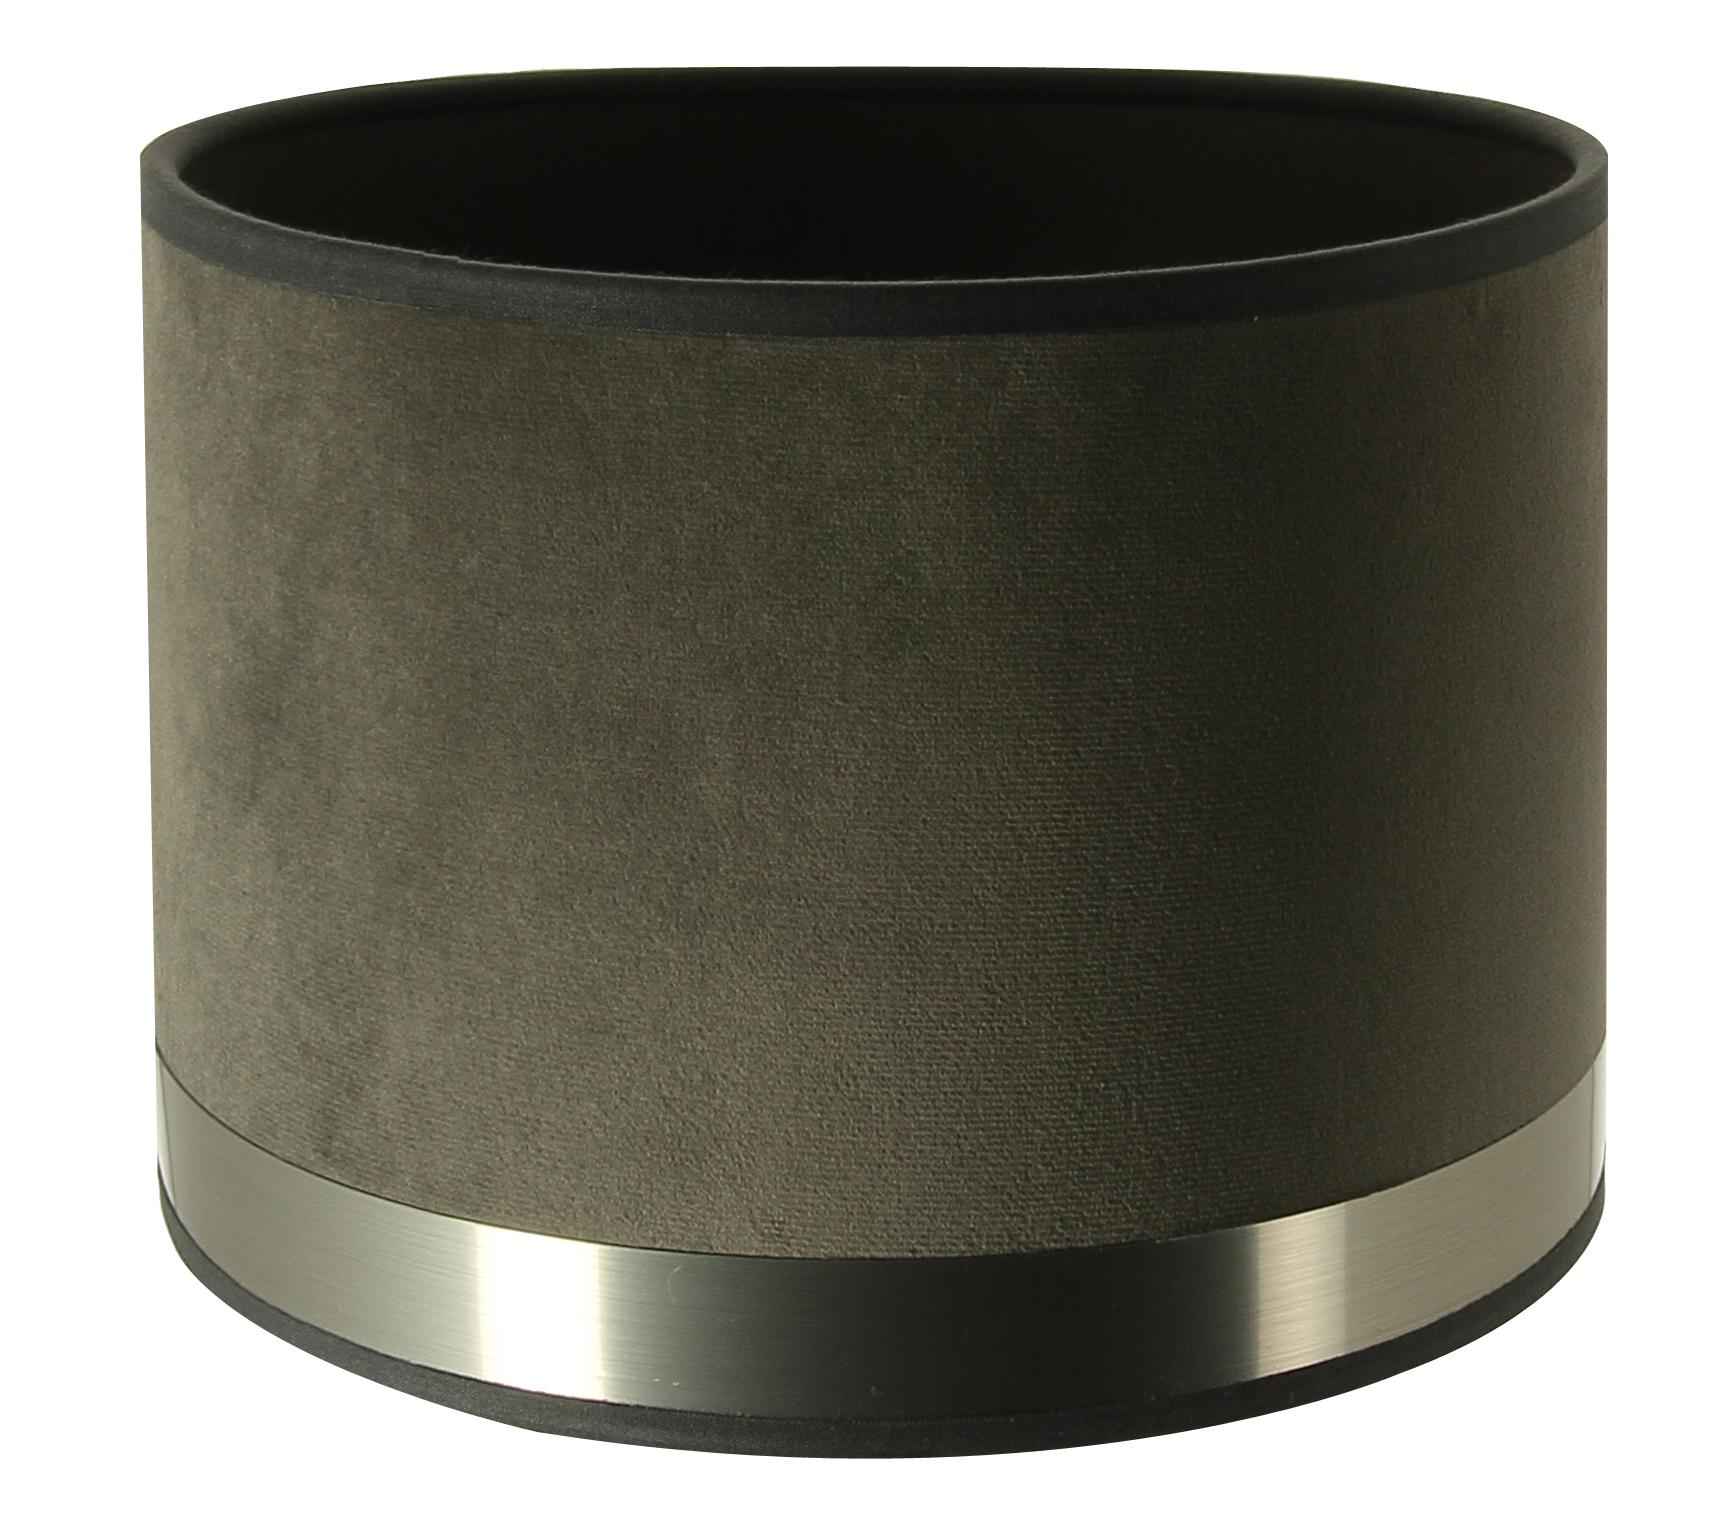 Abat-jour cylindre Art Déco gris et acier brossé